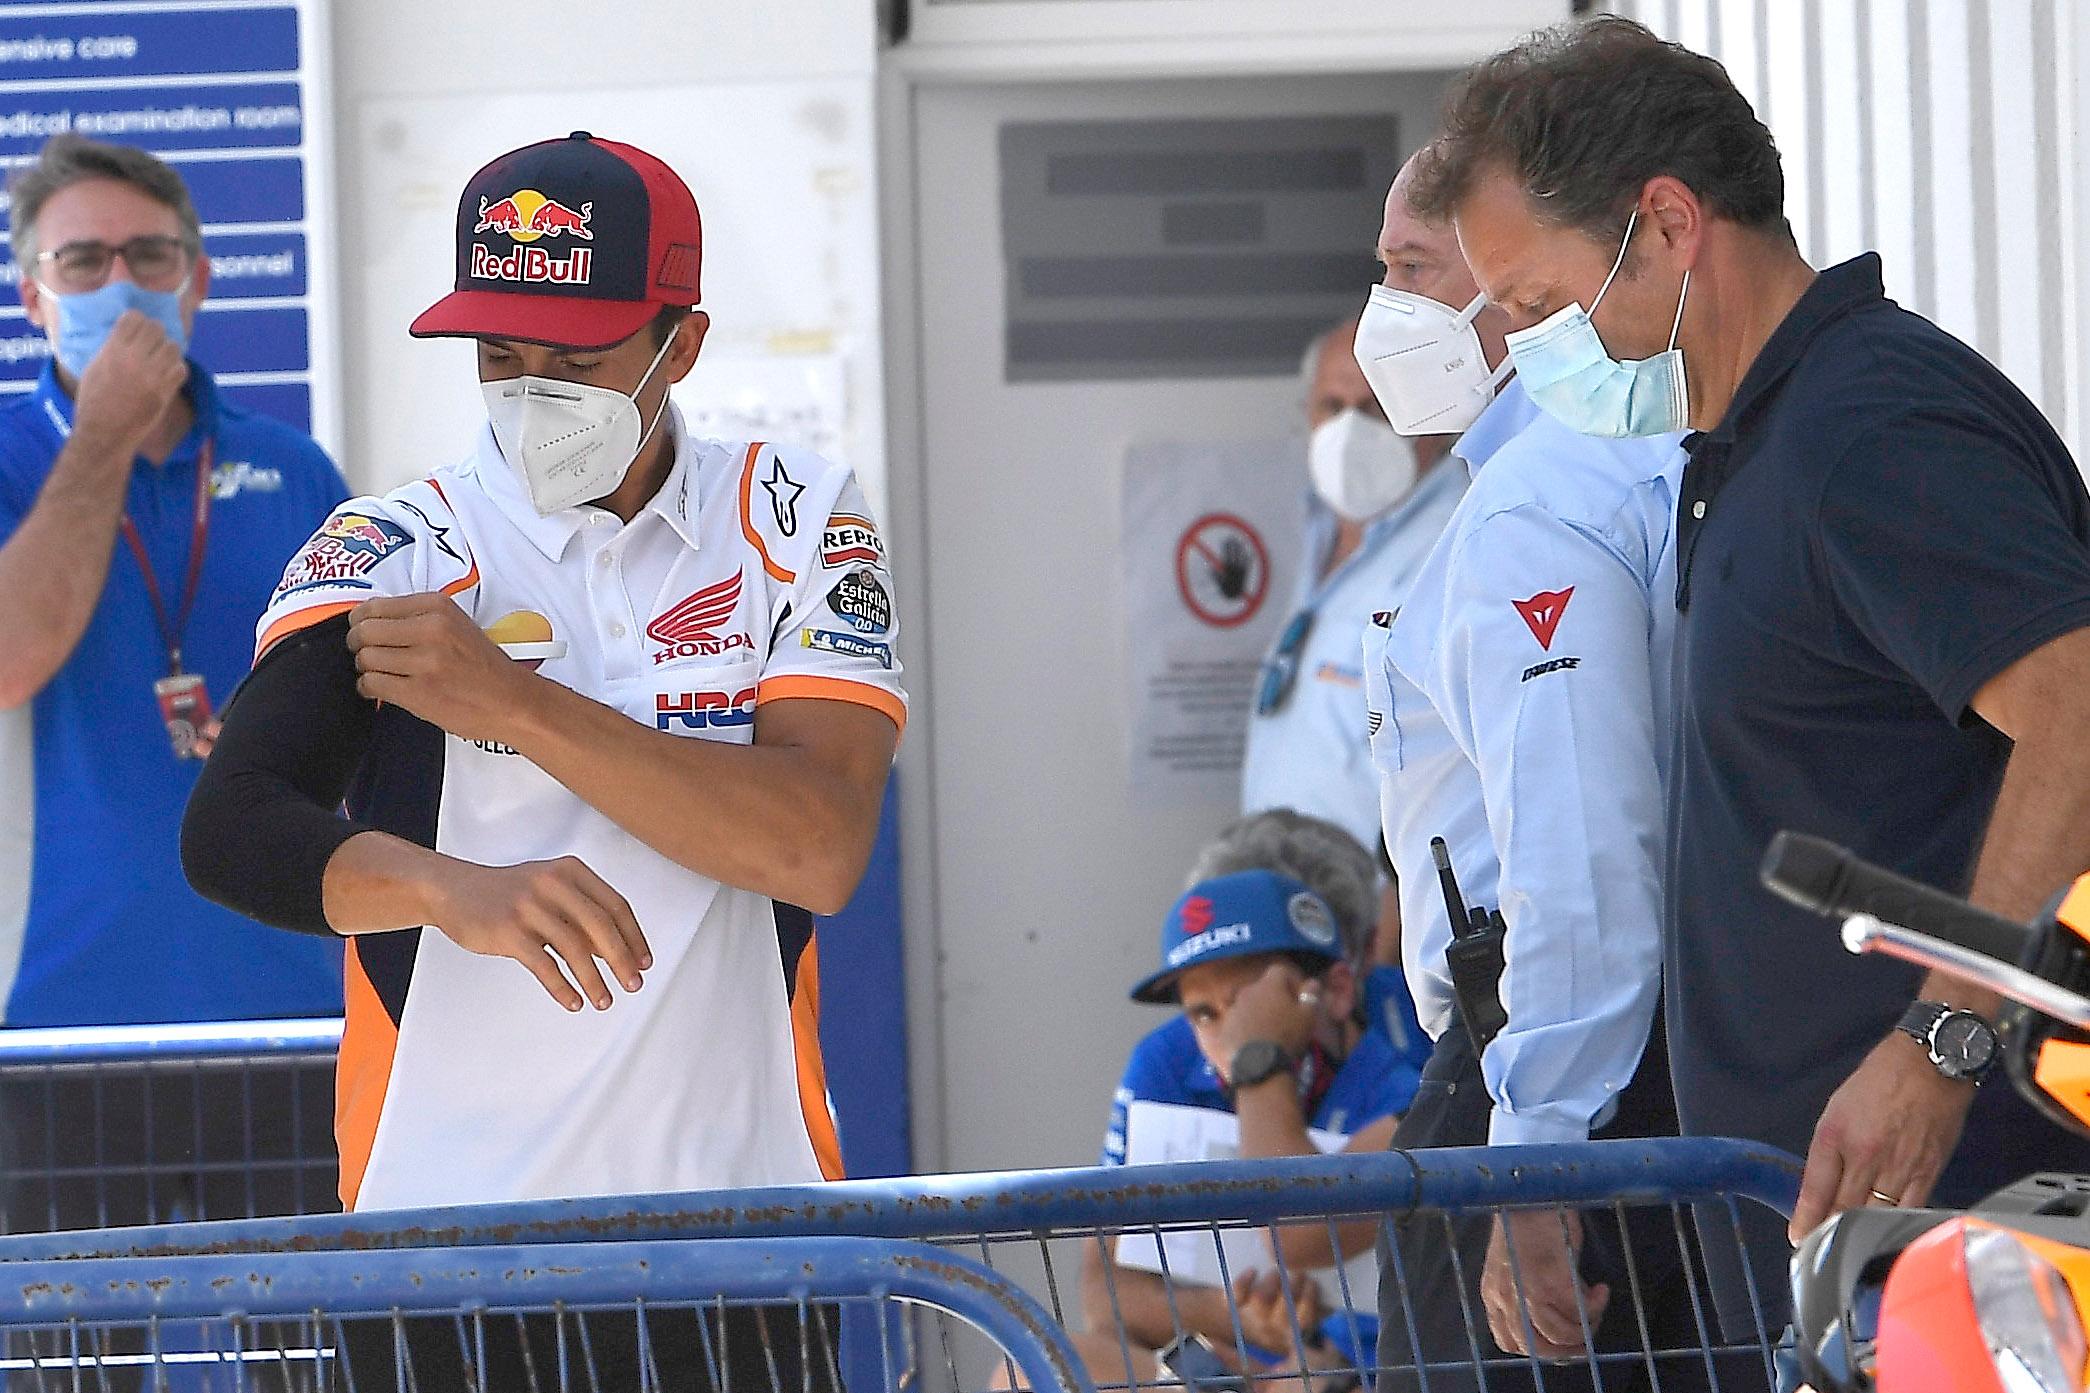 Marc Marquez po testach medycznych w Andaluzji w 2020 przed startem rundy MotoGP